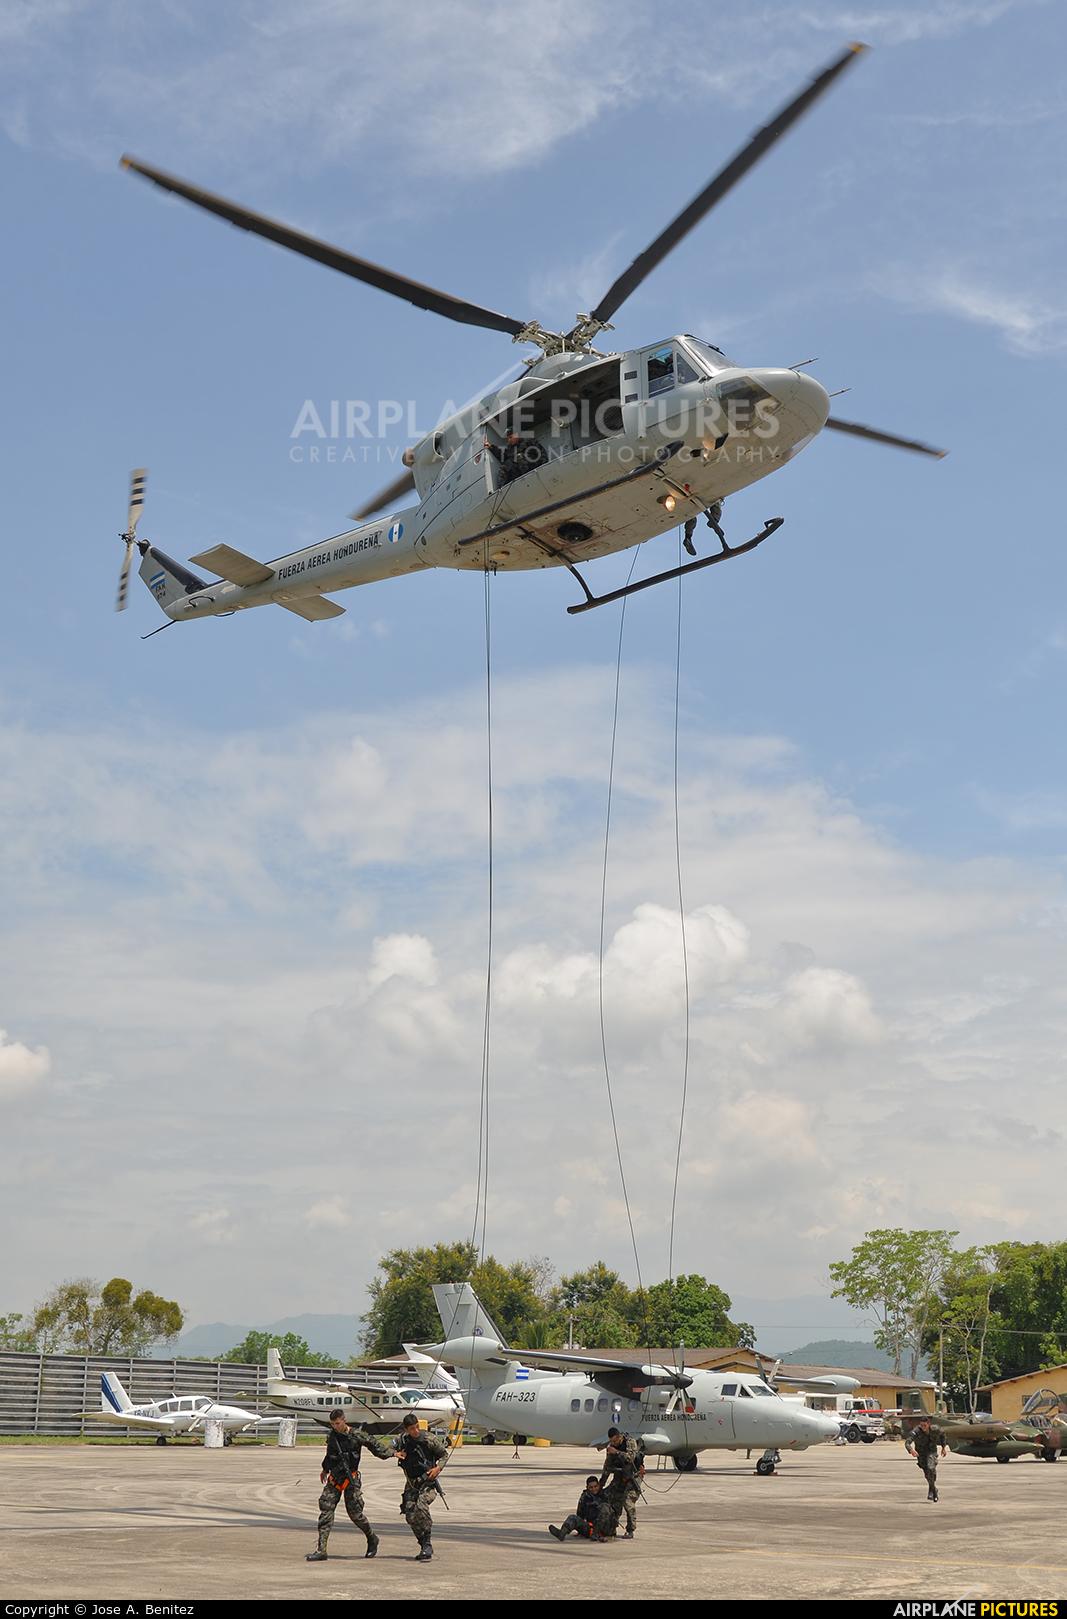 Honduras - Air Force FAH-974 aircraft at San Pedro Sula - Ramon Villeda Morales